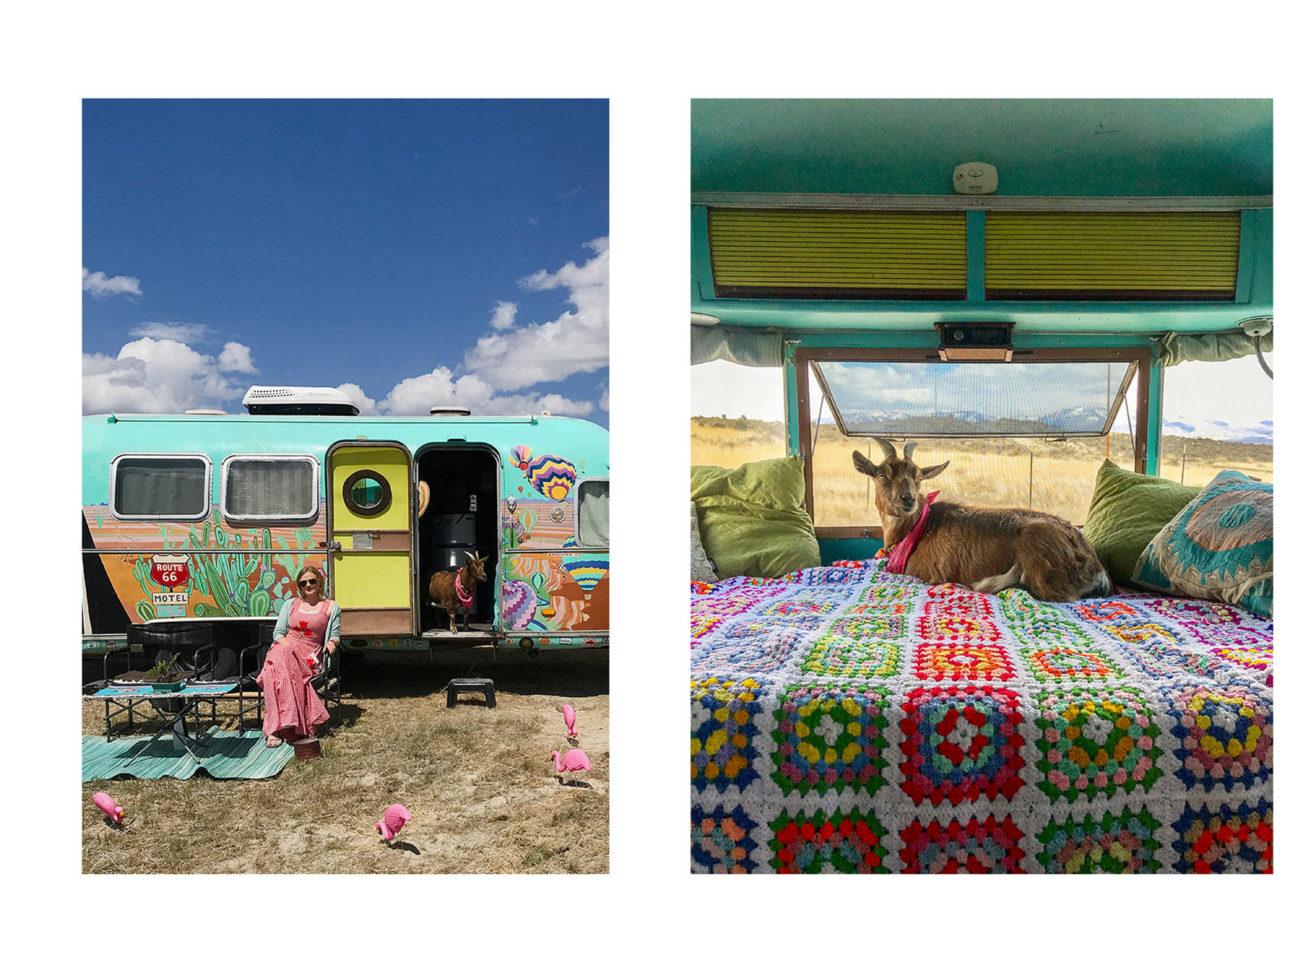 Esta escritora vive con su marida y su cabra Frankie en una caravana....